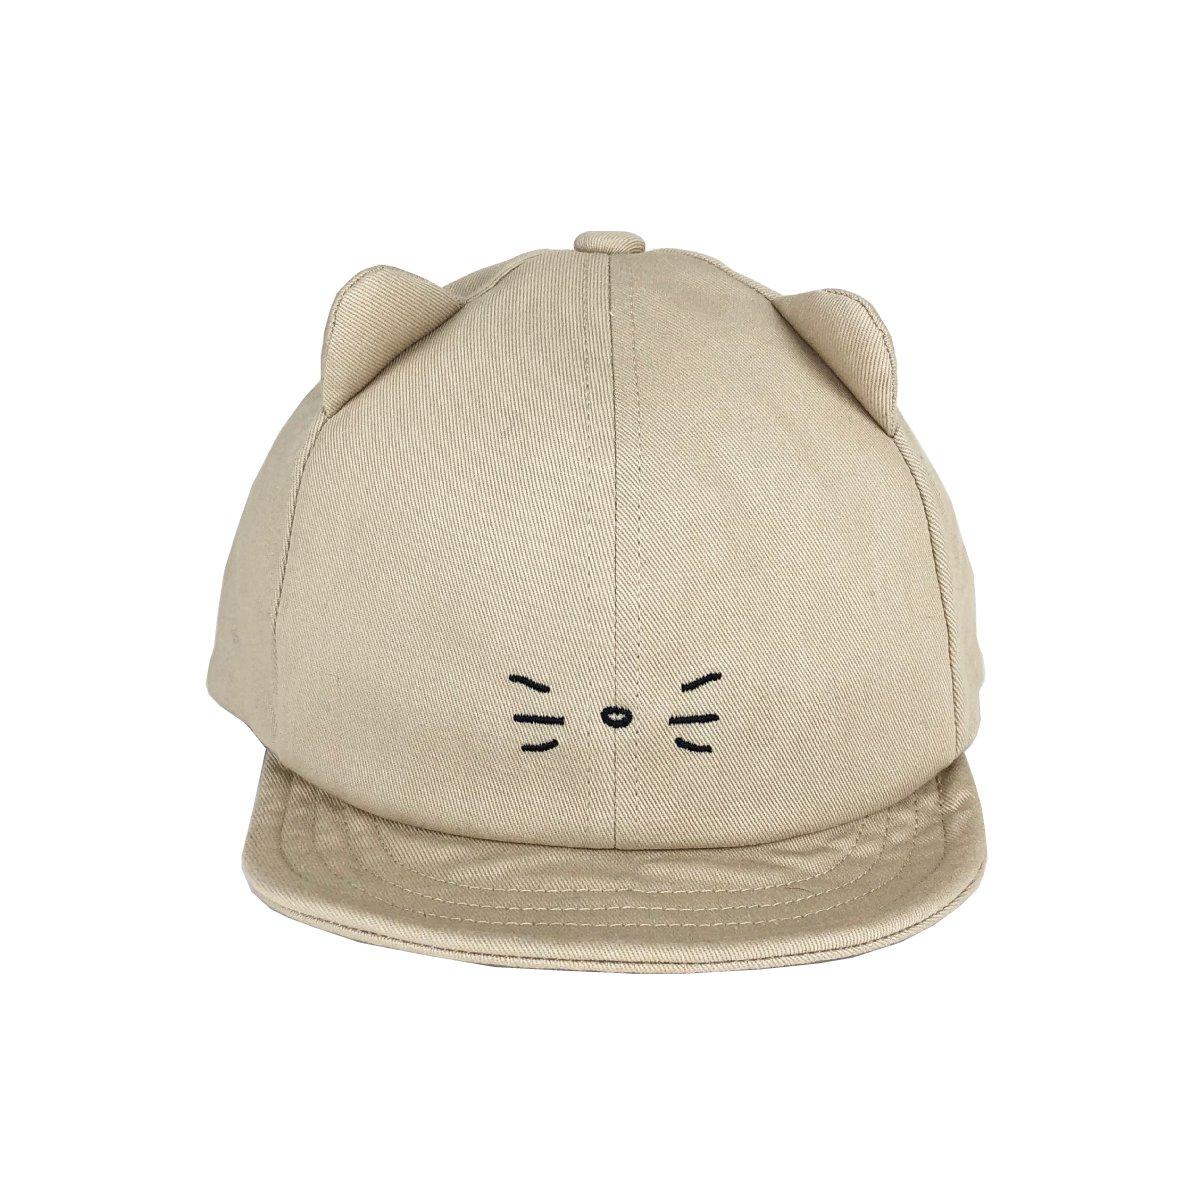 【BABY】Cat Ear Cap 詳細画像5